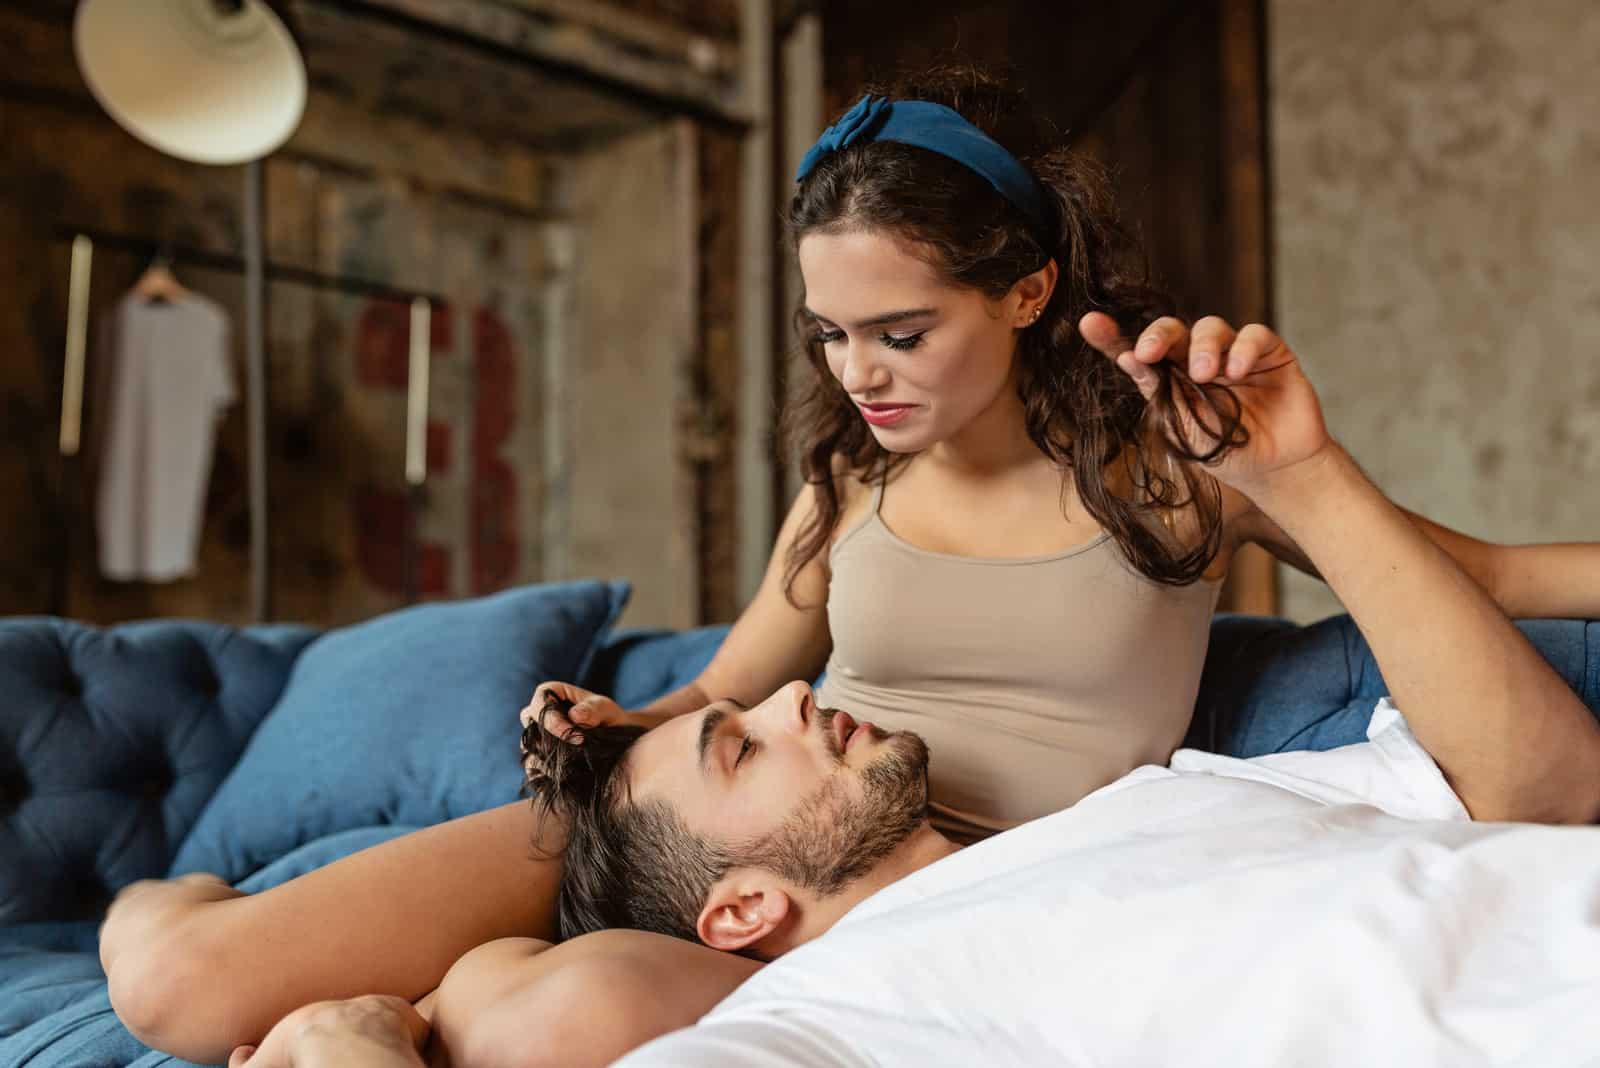 Ein liebevolles Paar auf dem Sofa redet und streichelt sich